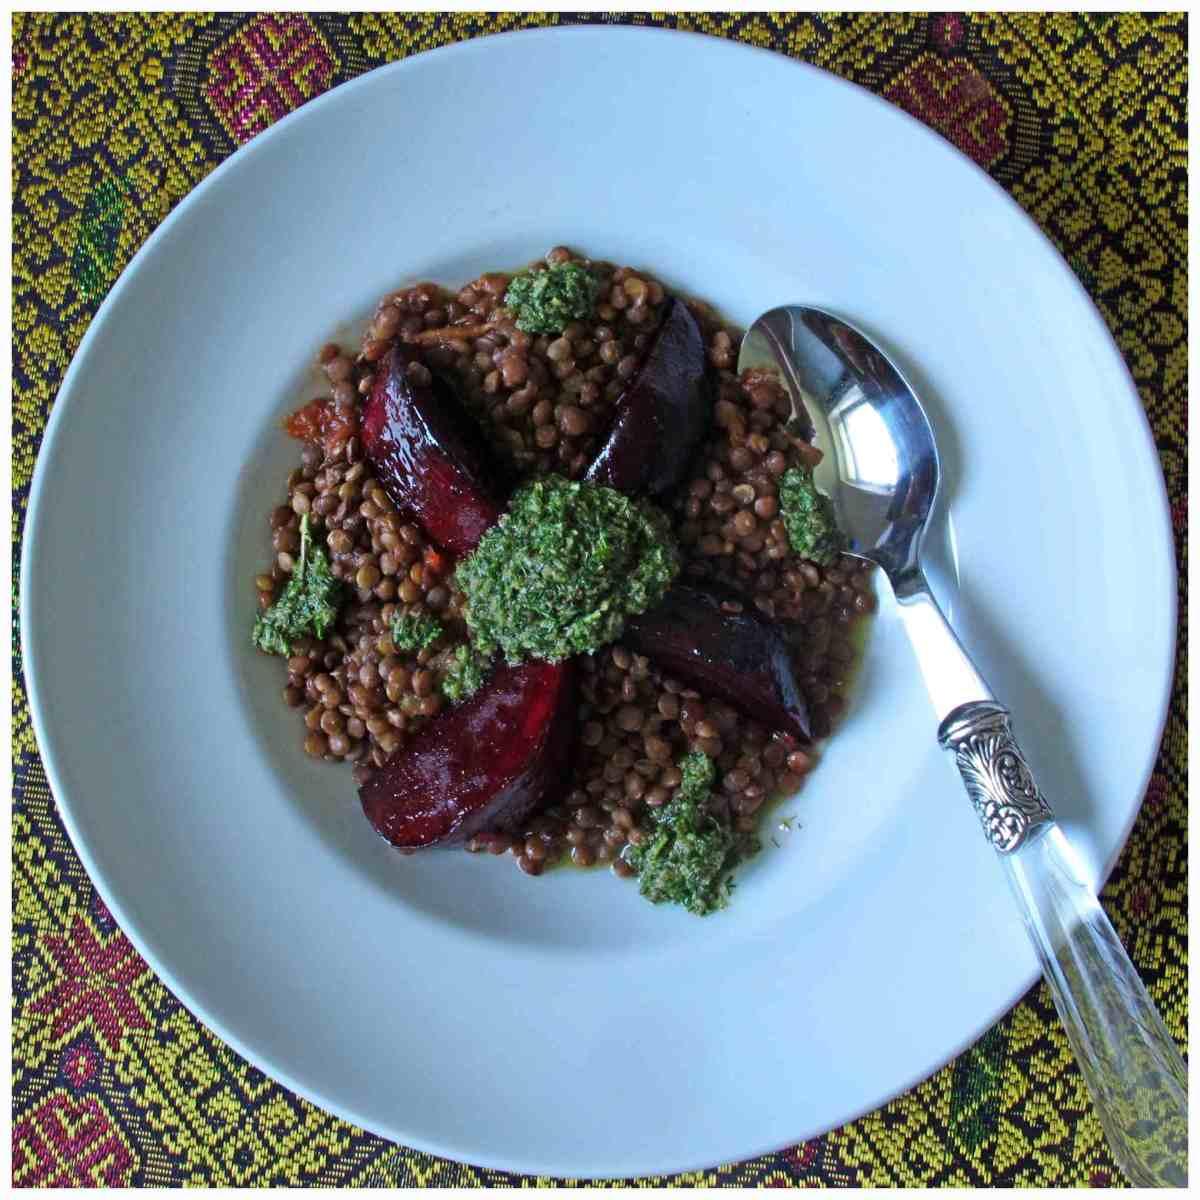 Linsen mit karamelisierten Roten Beten und einer Salsa verde